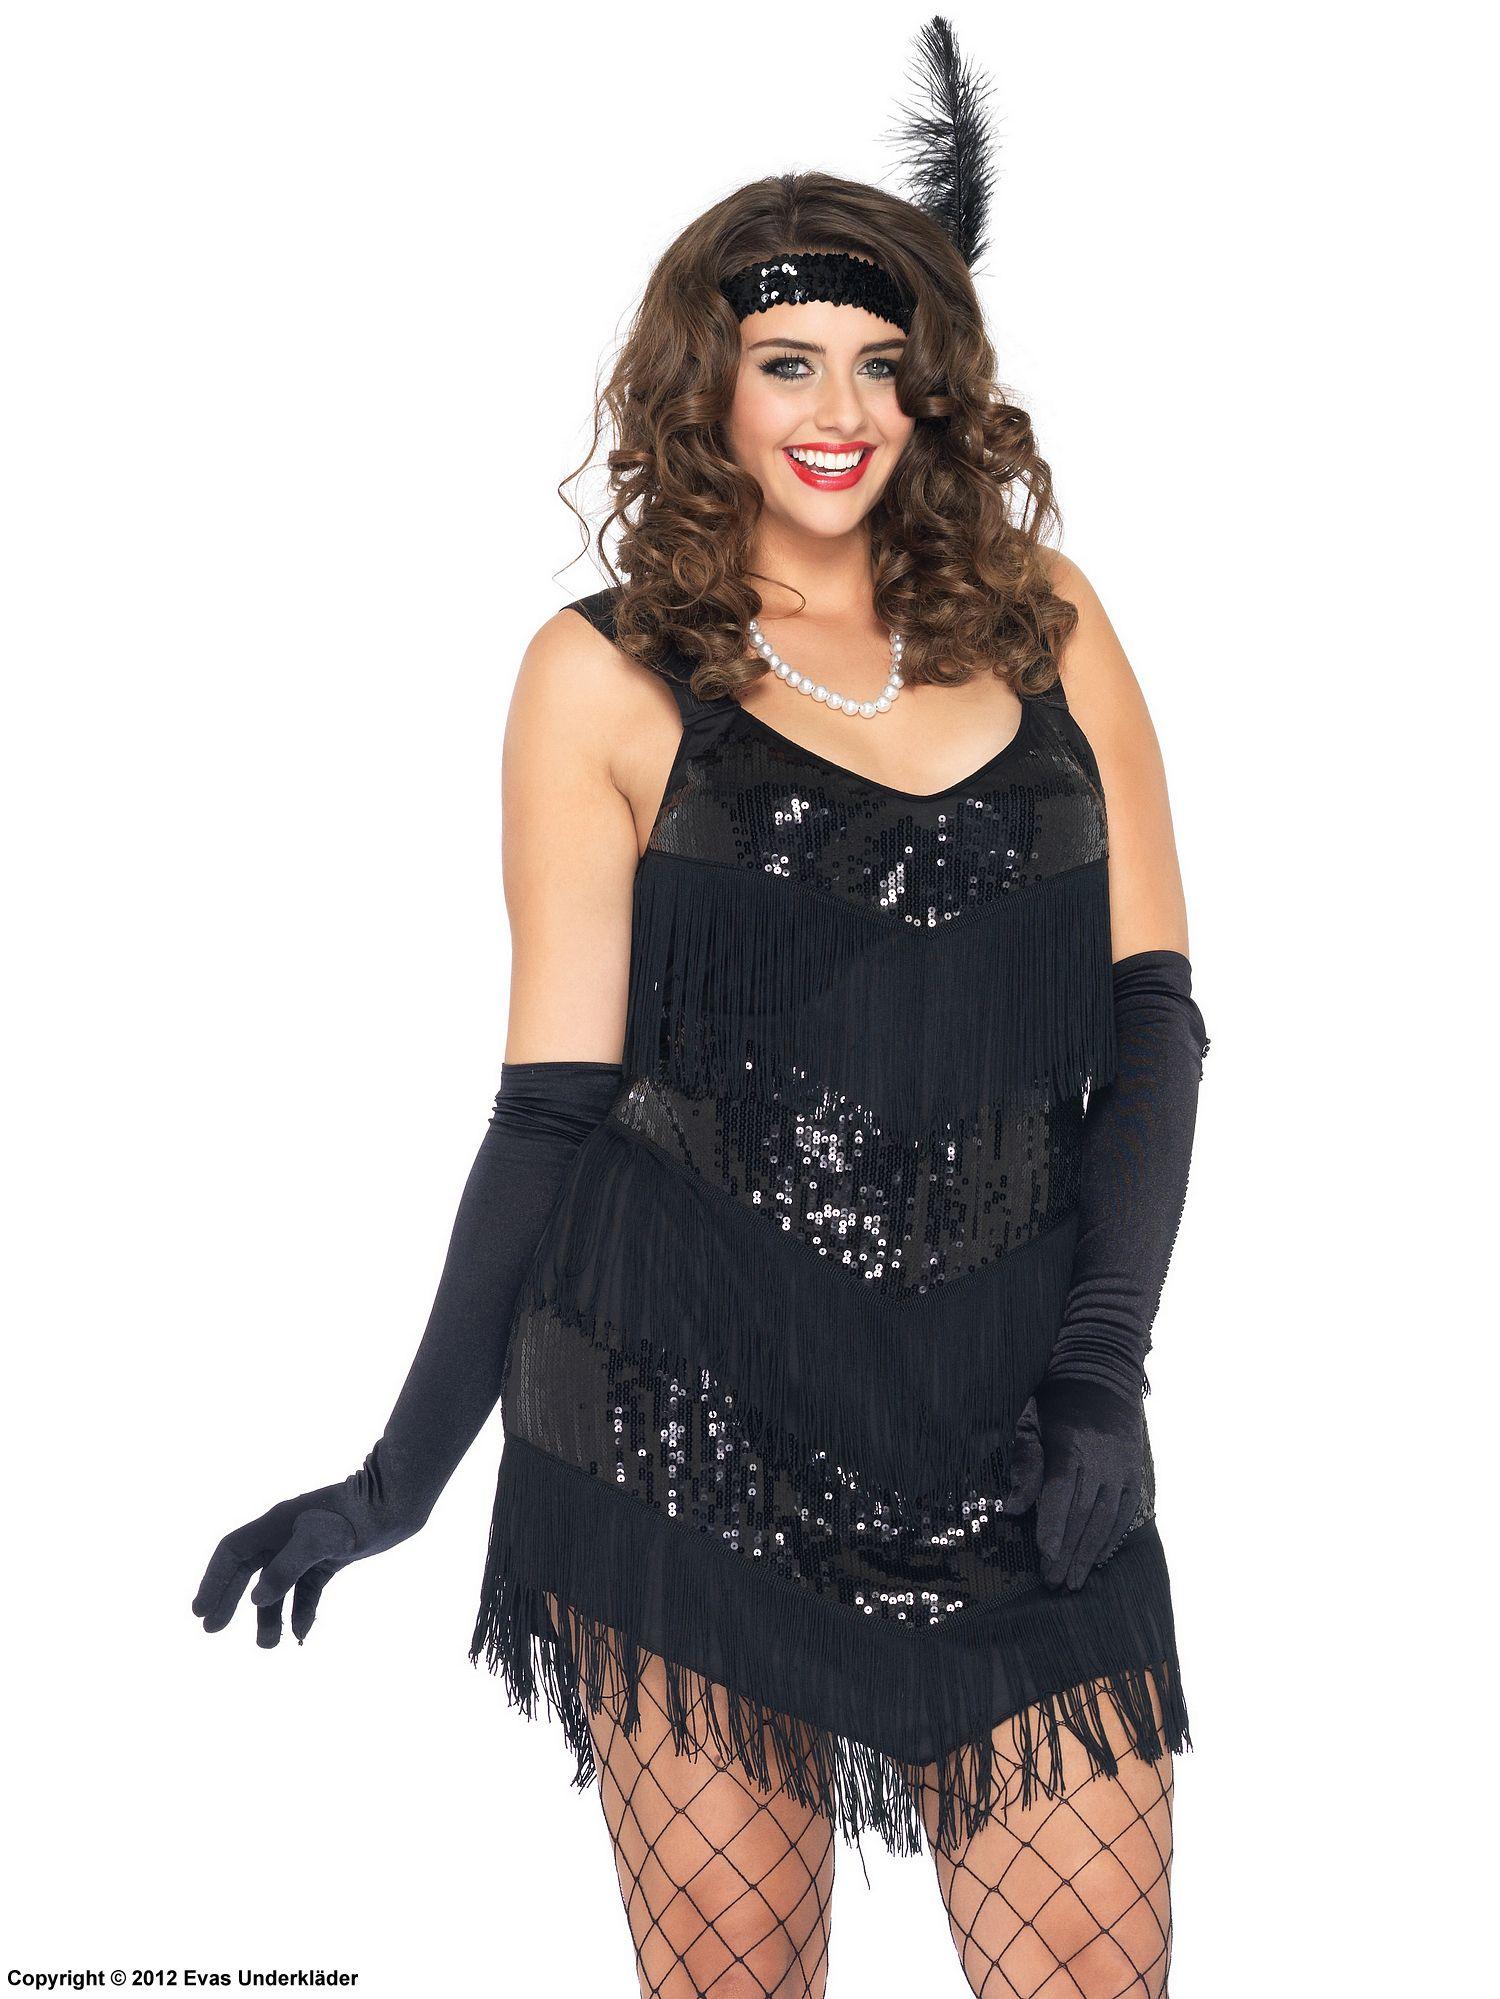 20-tals klänning med fransar och paljetter 4d5524caecea4